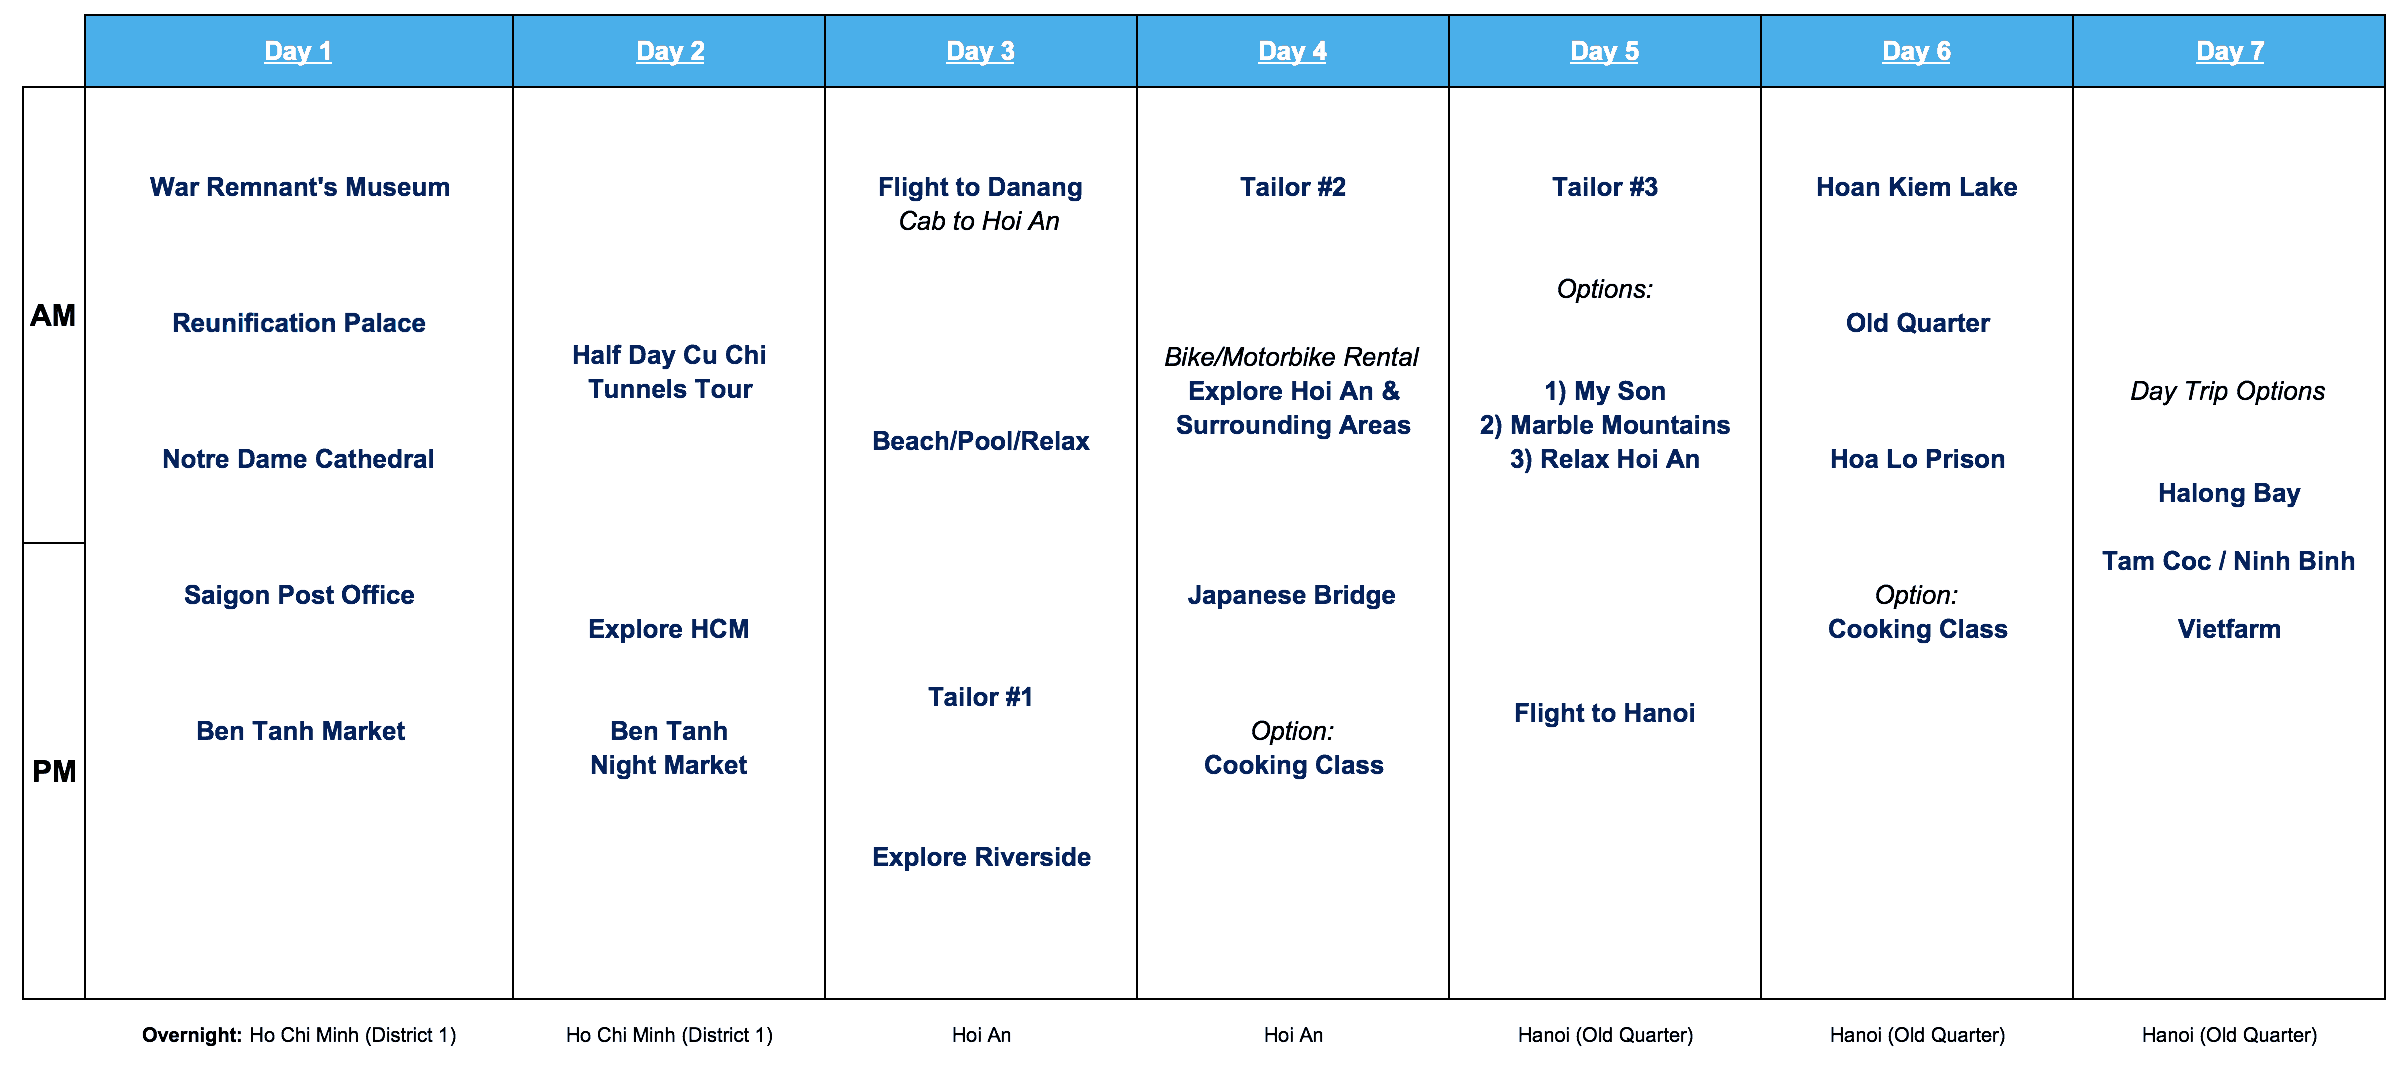 Vietnam 7 Day Itinerary